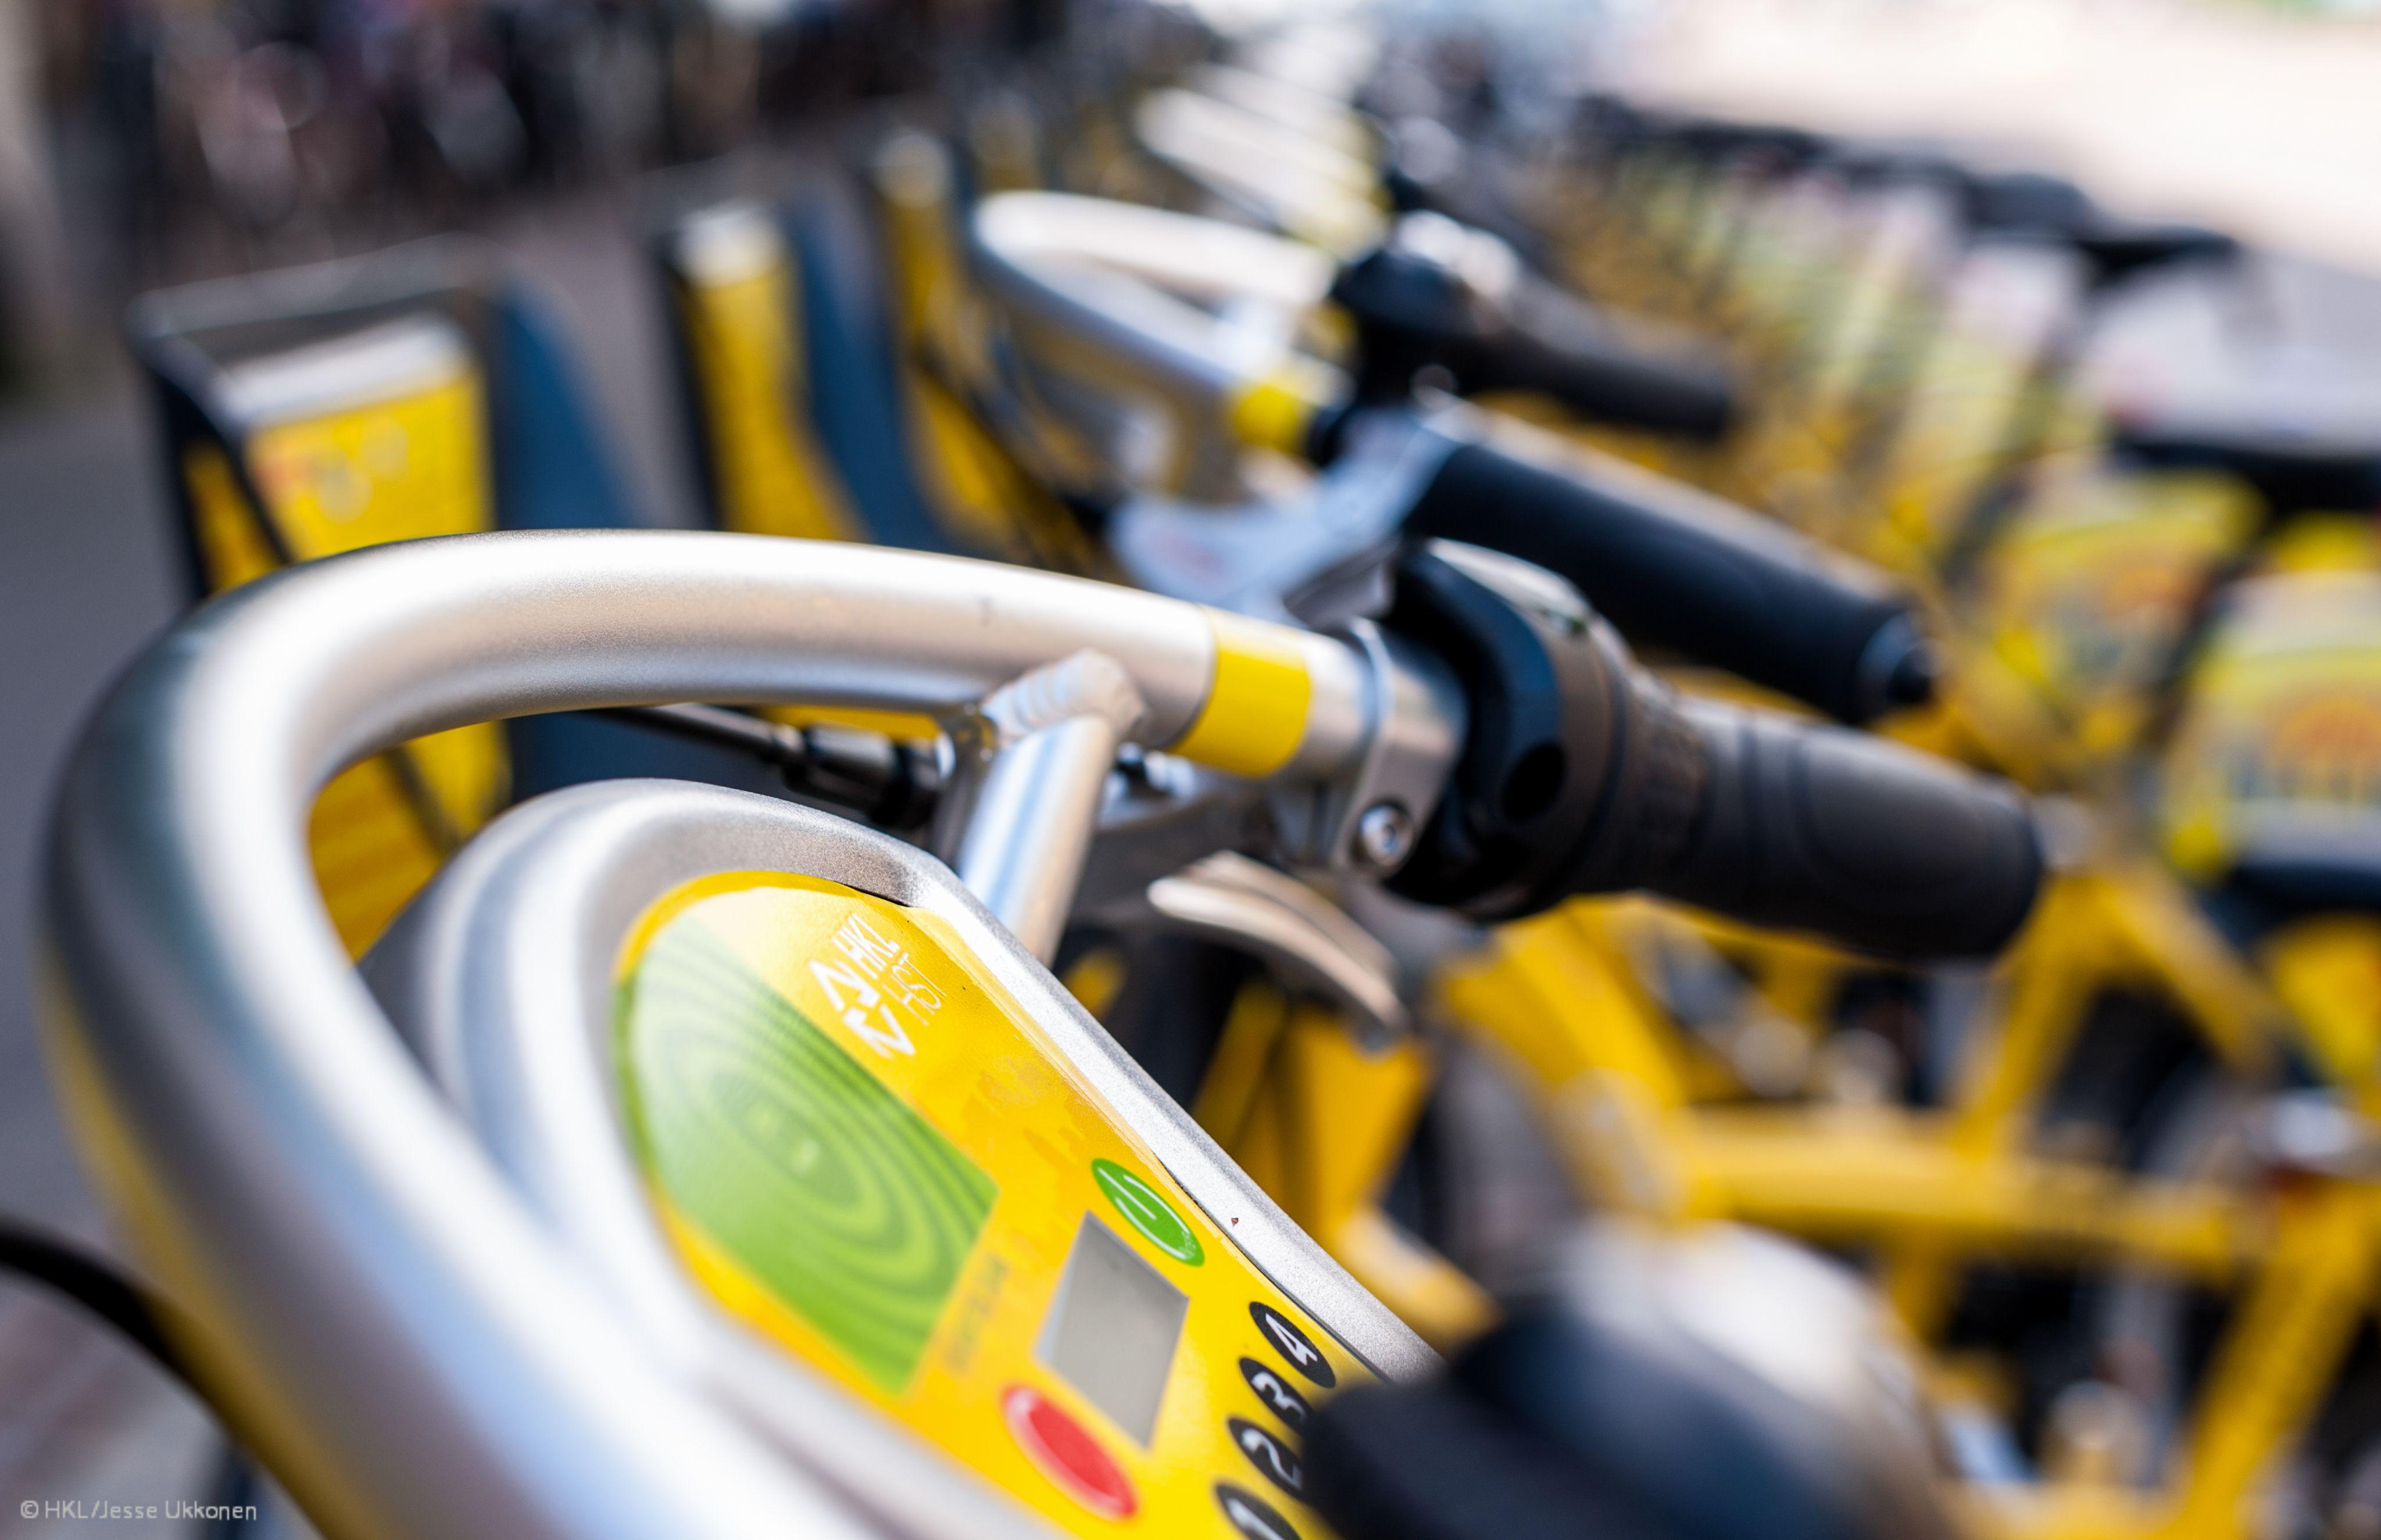 Kaupunkipyöräverkosto laajenee tänä keväänä kolminkertaiseksi: käytössä on silloin 1500 pyörää ja 150 pyöräasemaa.